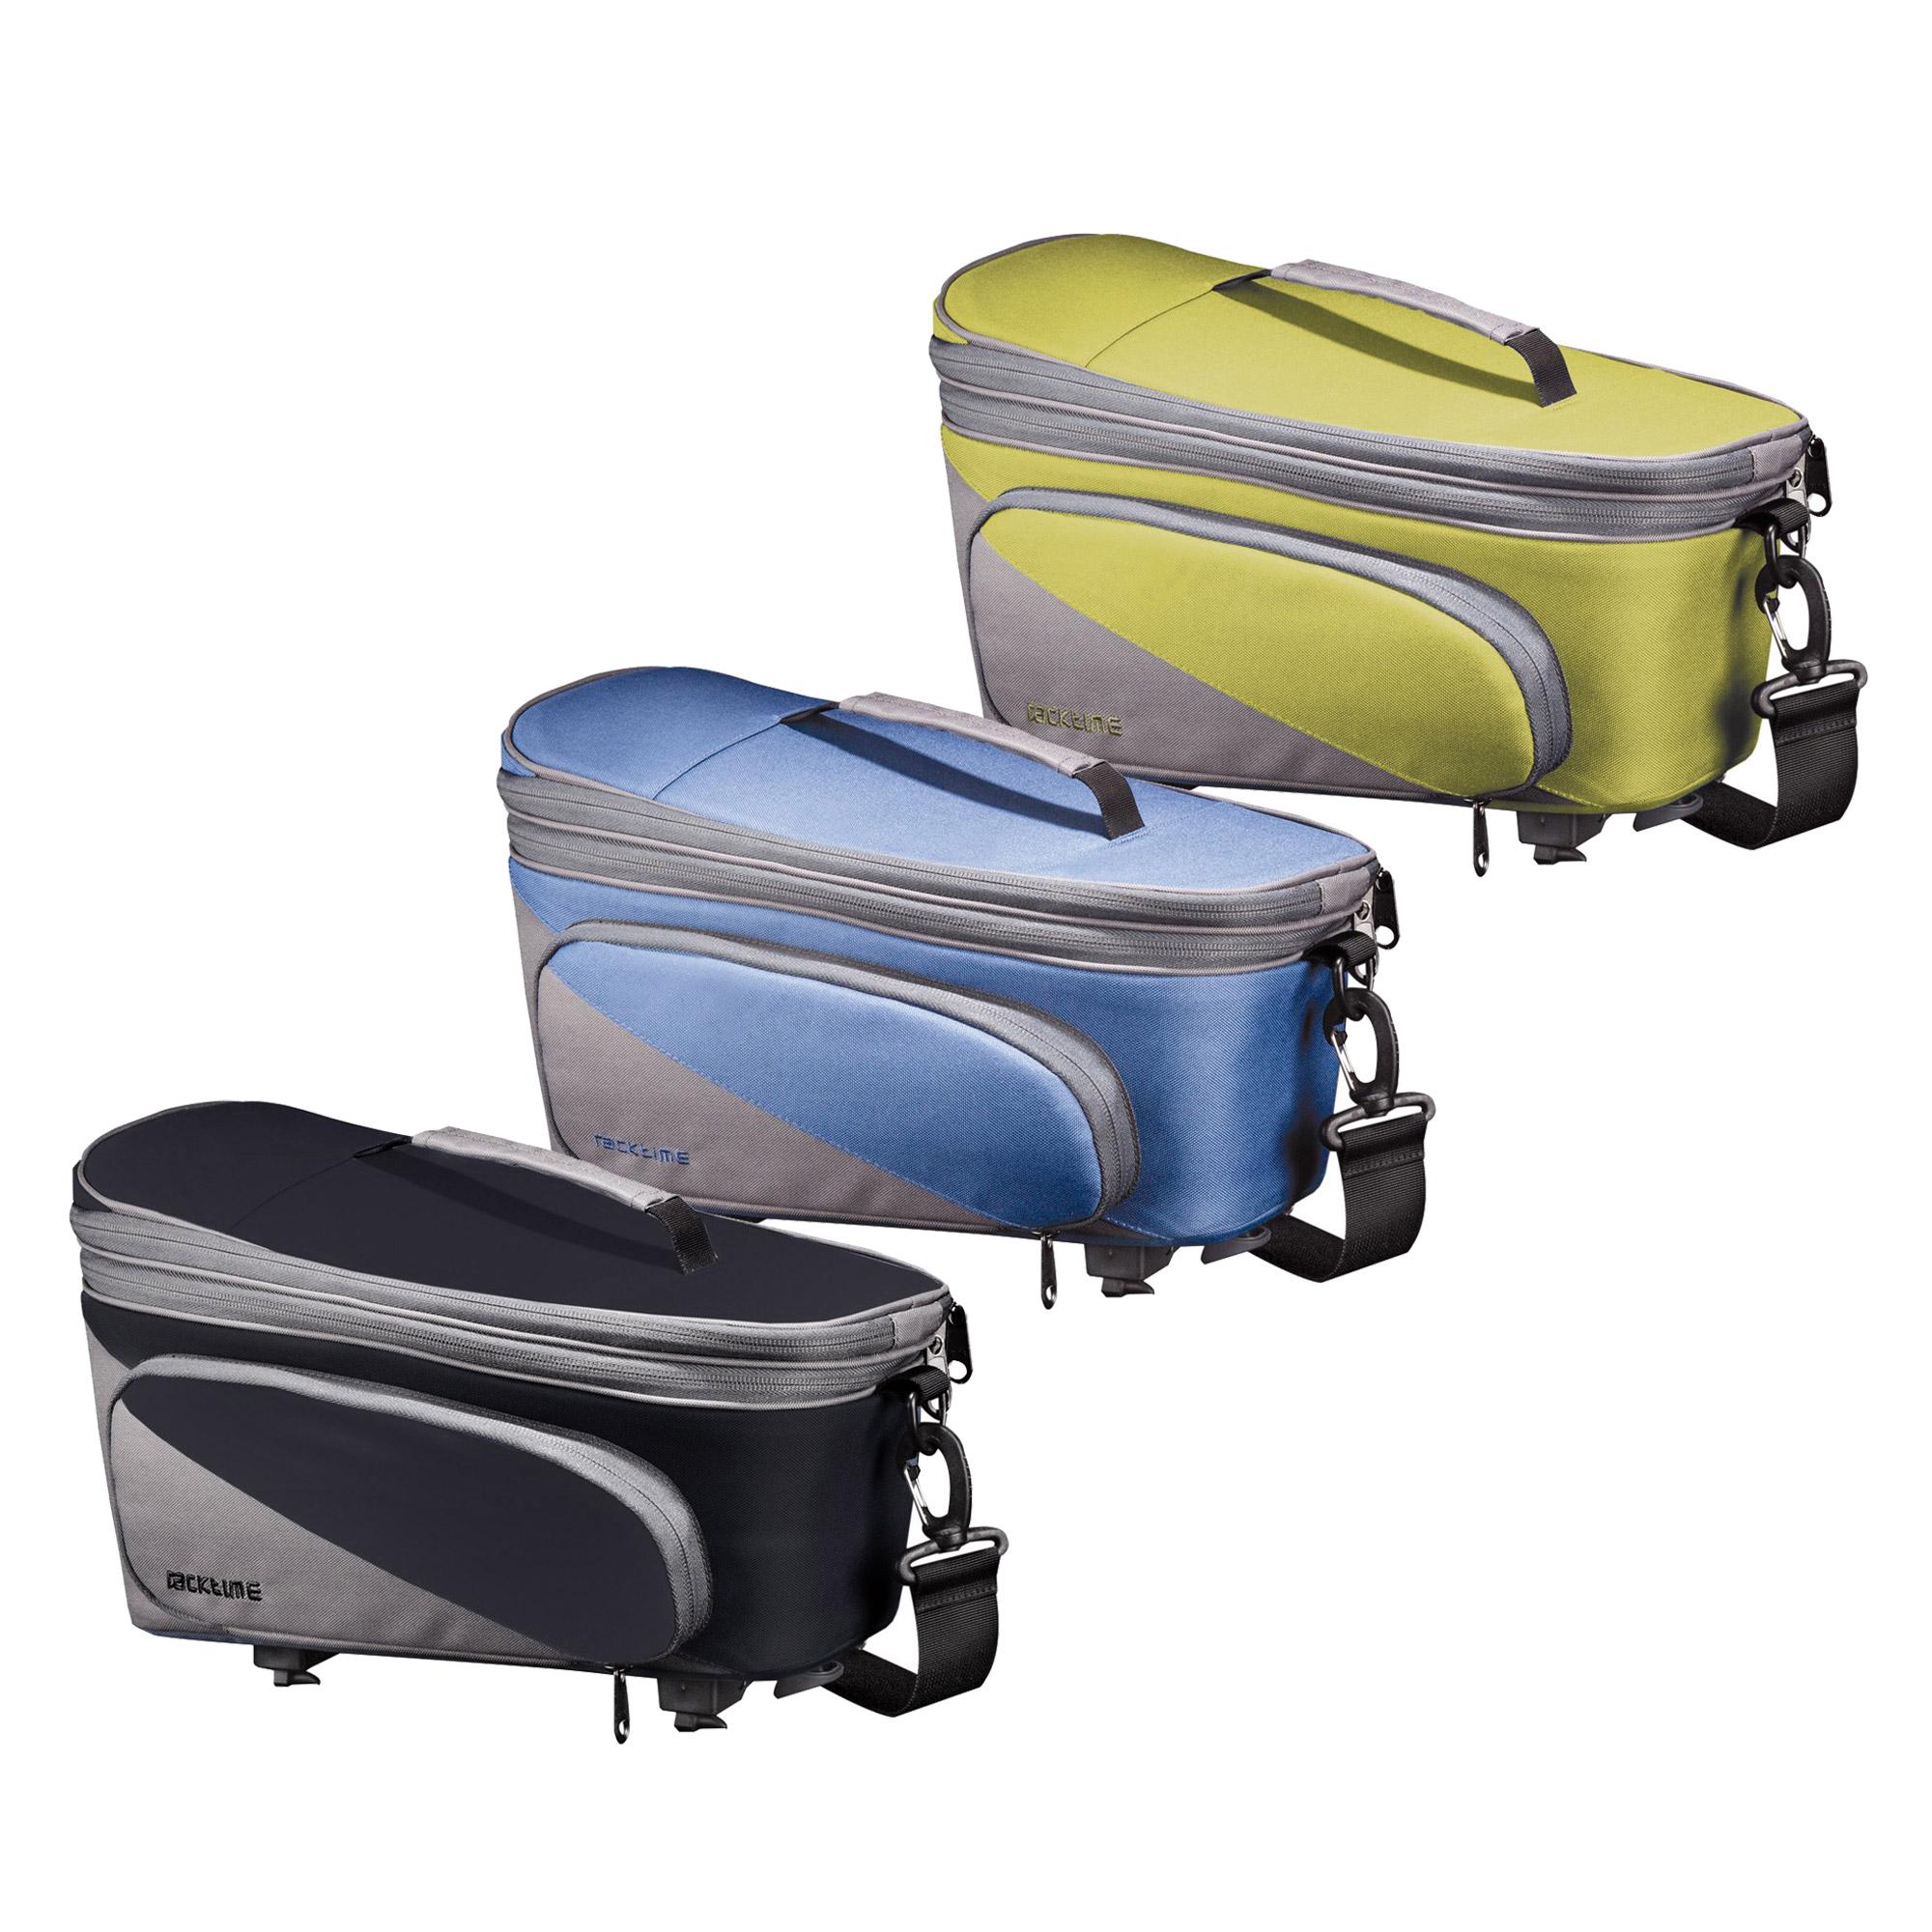 longus triple fahrradtasche gep cktr ger schwarz 42. Black Bedroom Furniture Sets. Home Design Ideas